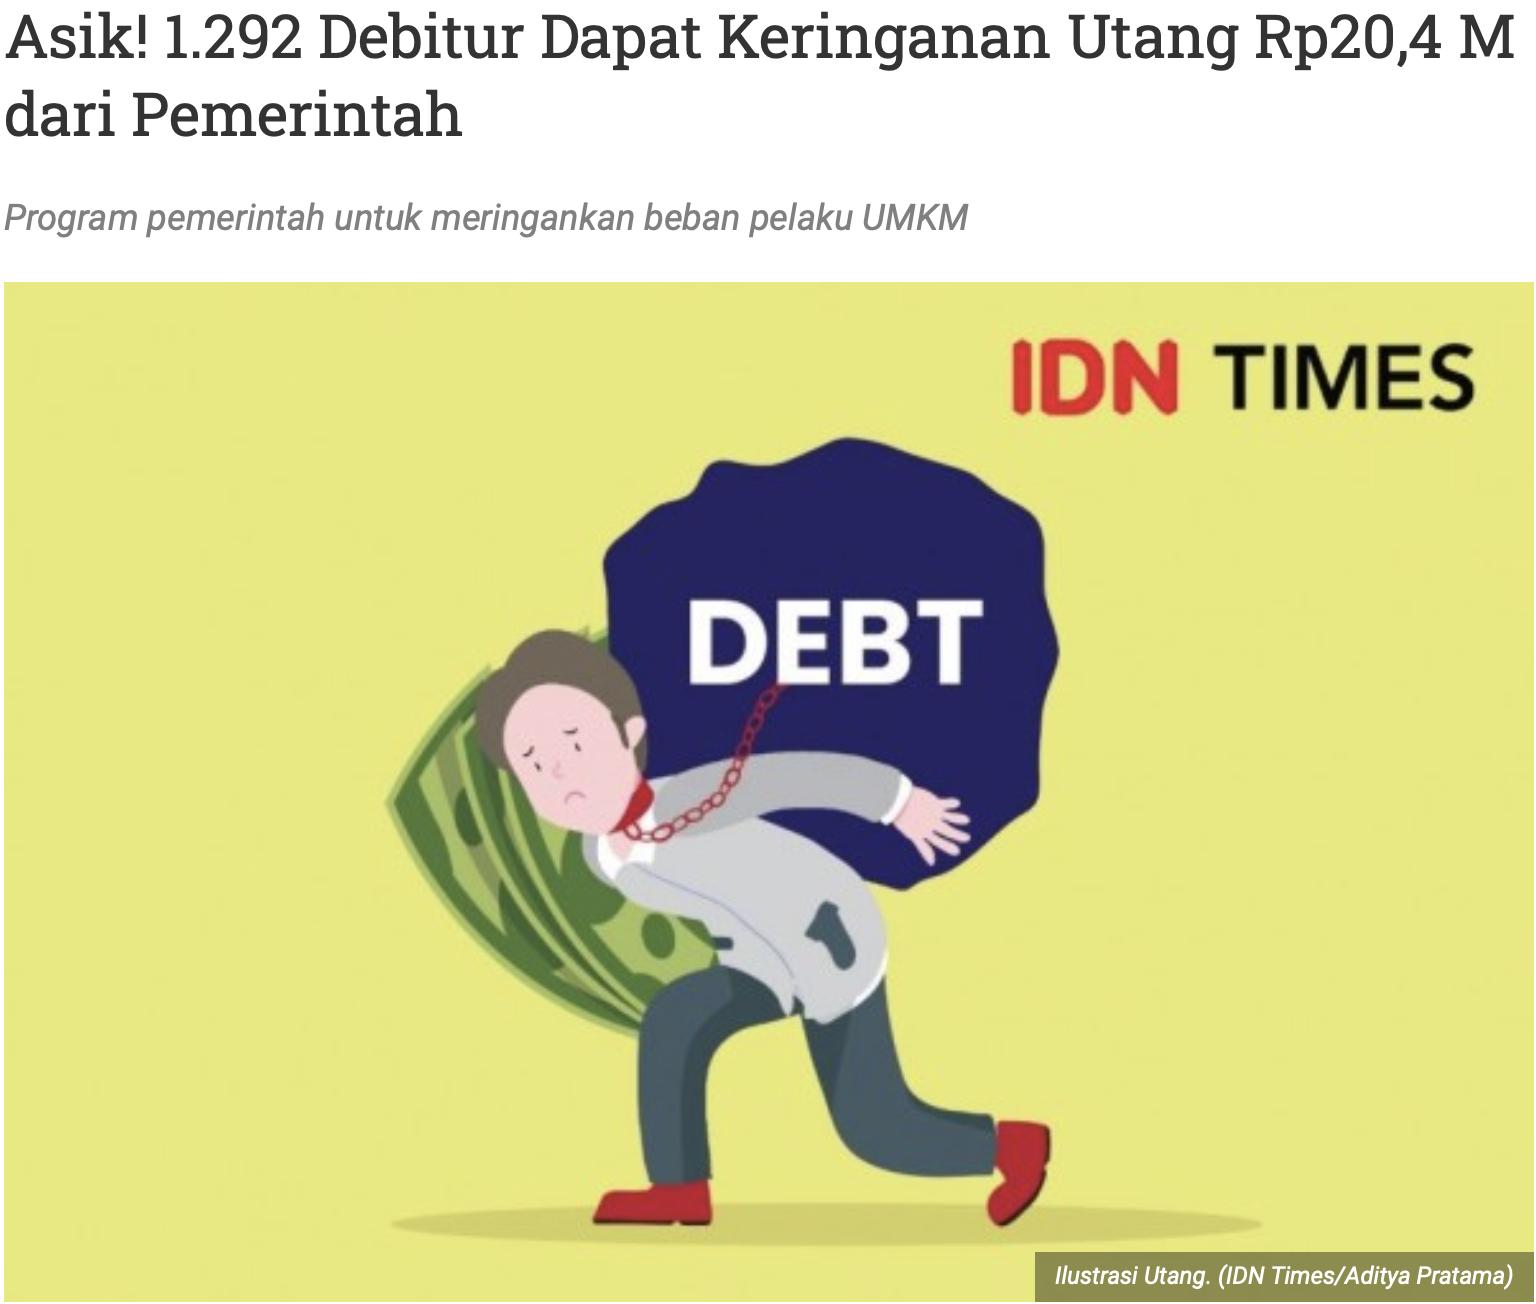 Asik! 1.292 Debitur Dapat Keringanan Utang Rp20,4 M dari Pemerintah